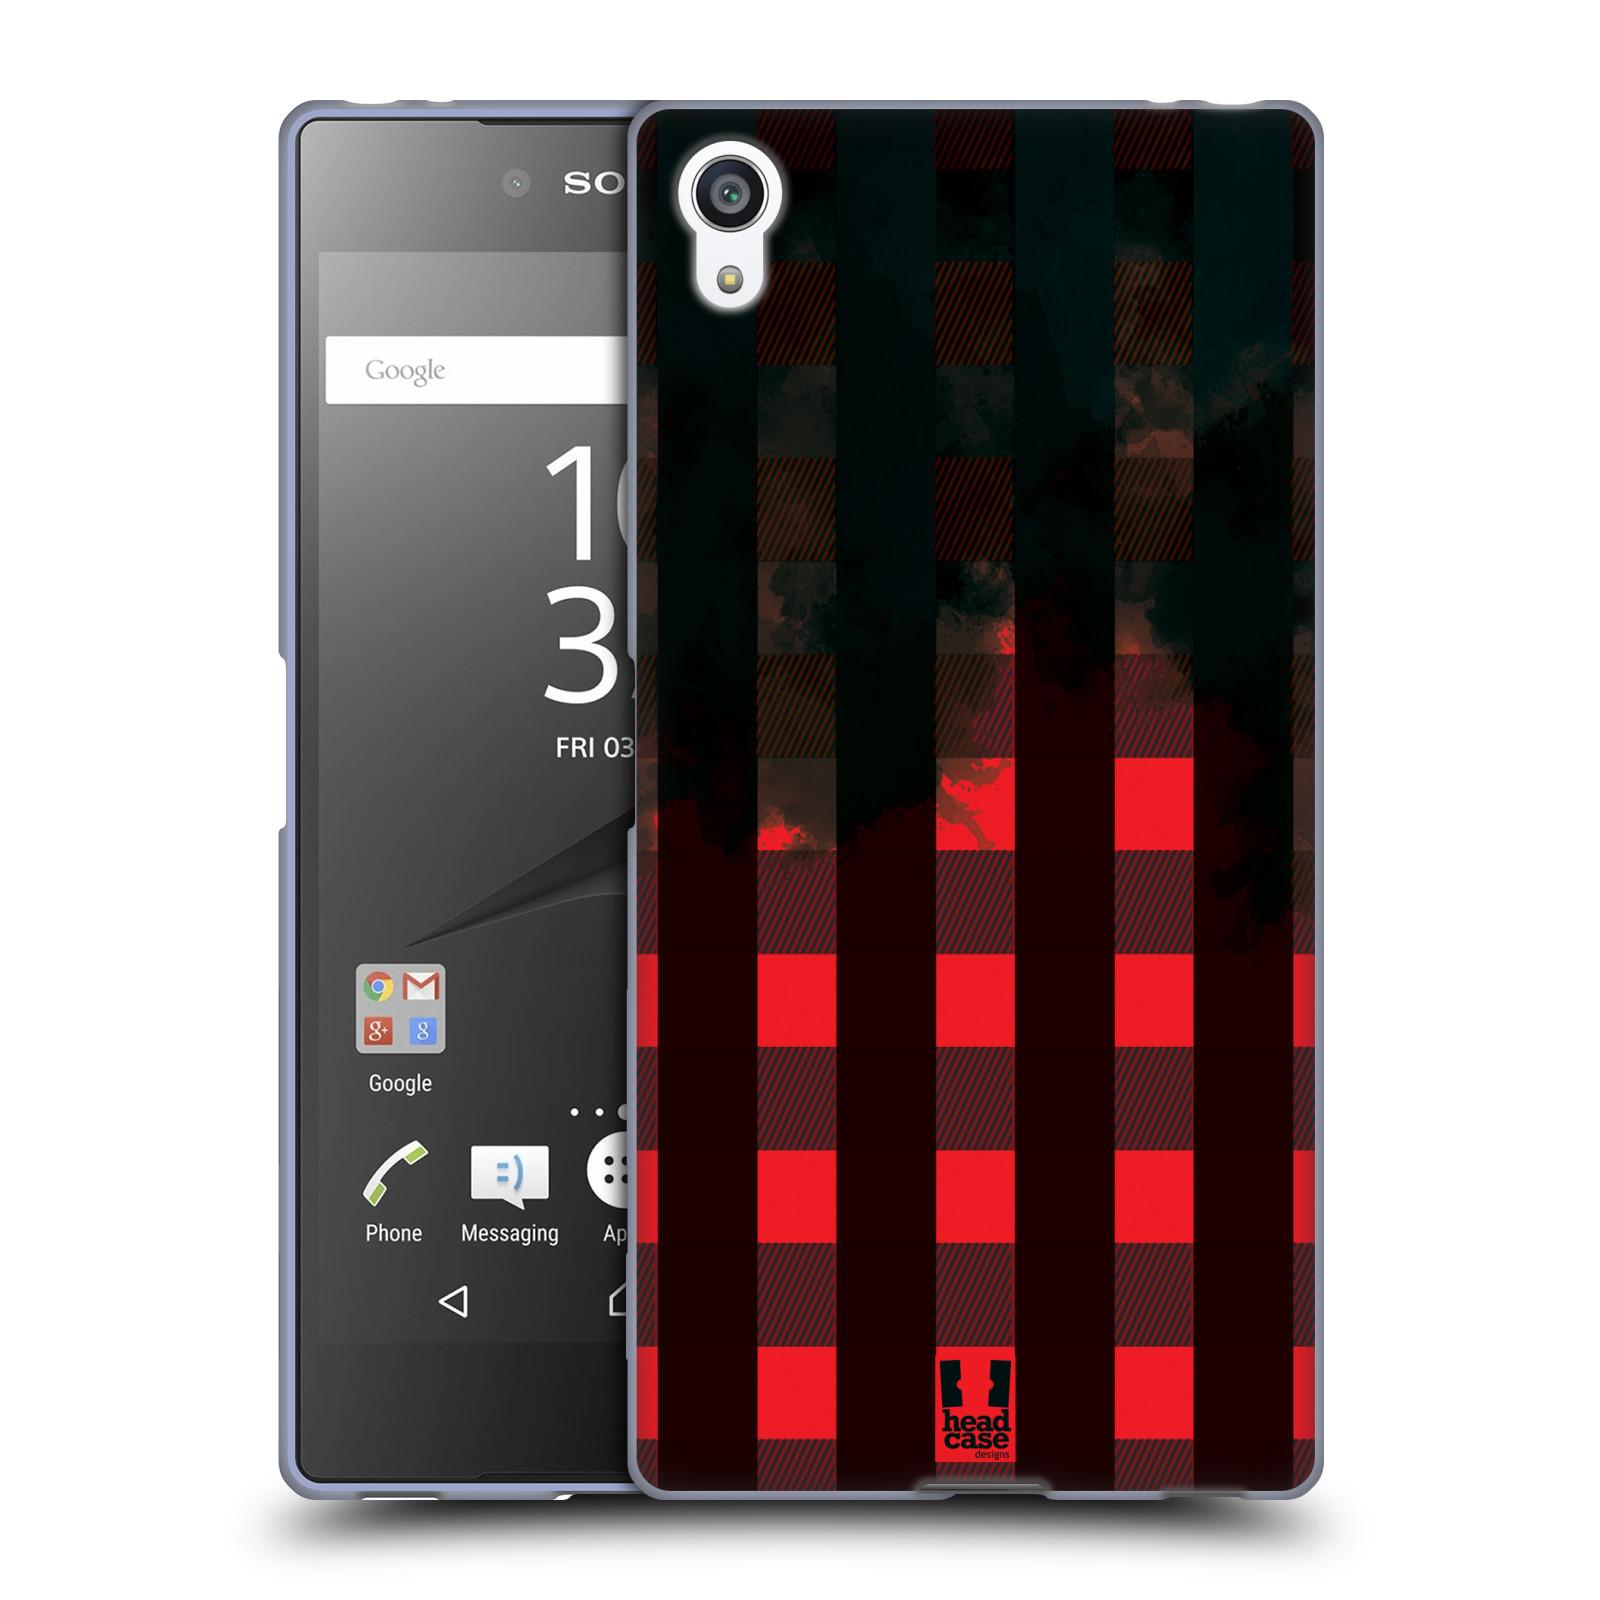 Silikonové pouzdro na mobil Sony Xperia Z5 Premium HEAD CASE FLANEL RED BLACK (Silikonový kryt či obal na mobilní telefon Sony Xperia Z5 Premium E6853)